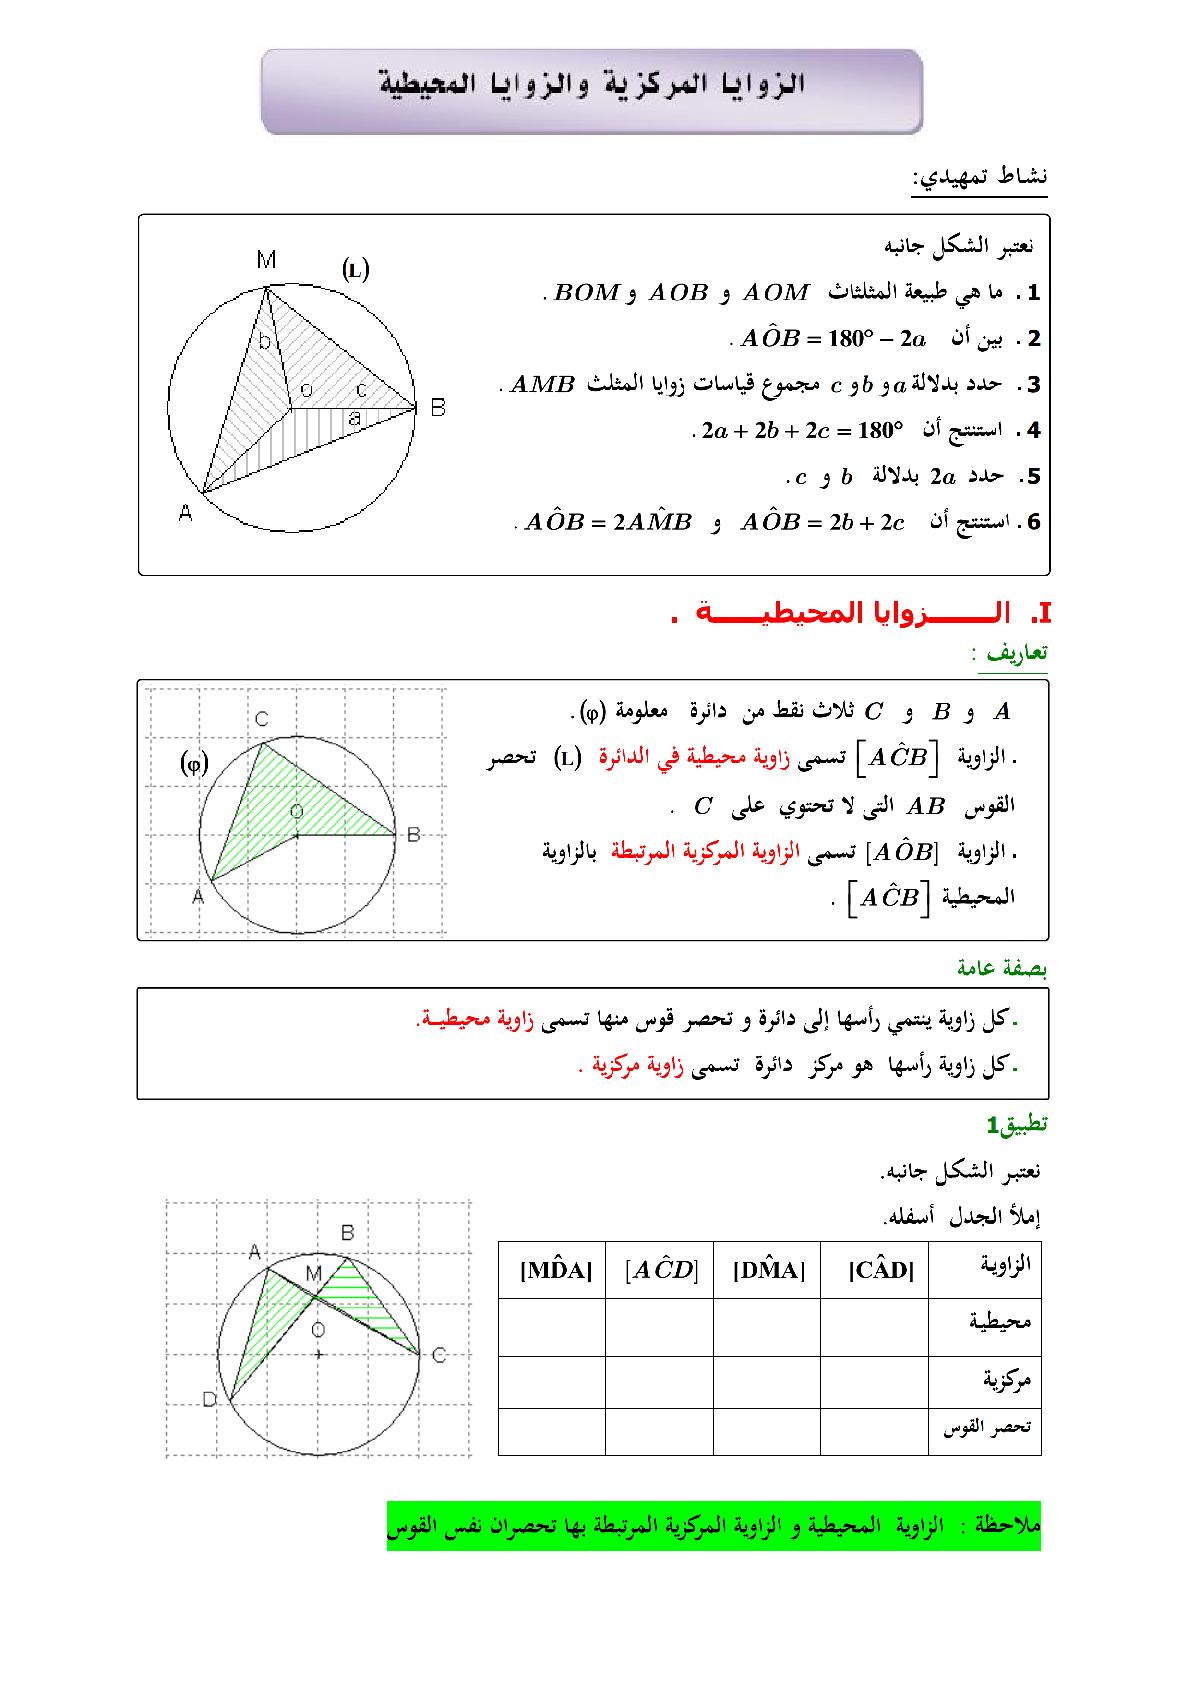 درس الزوايا المركزية و الزوايا المحيطية في دائرة1